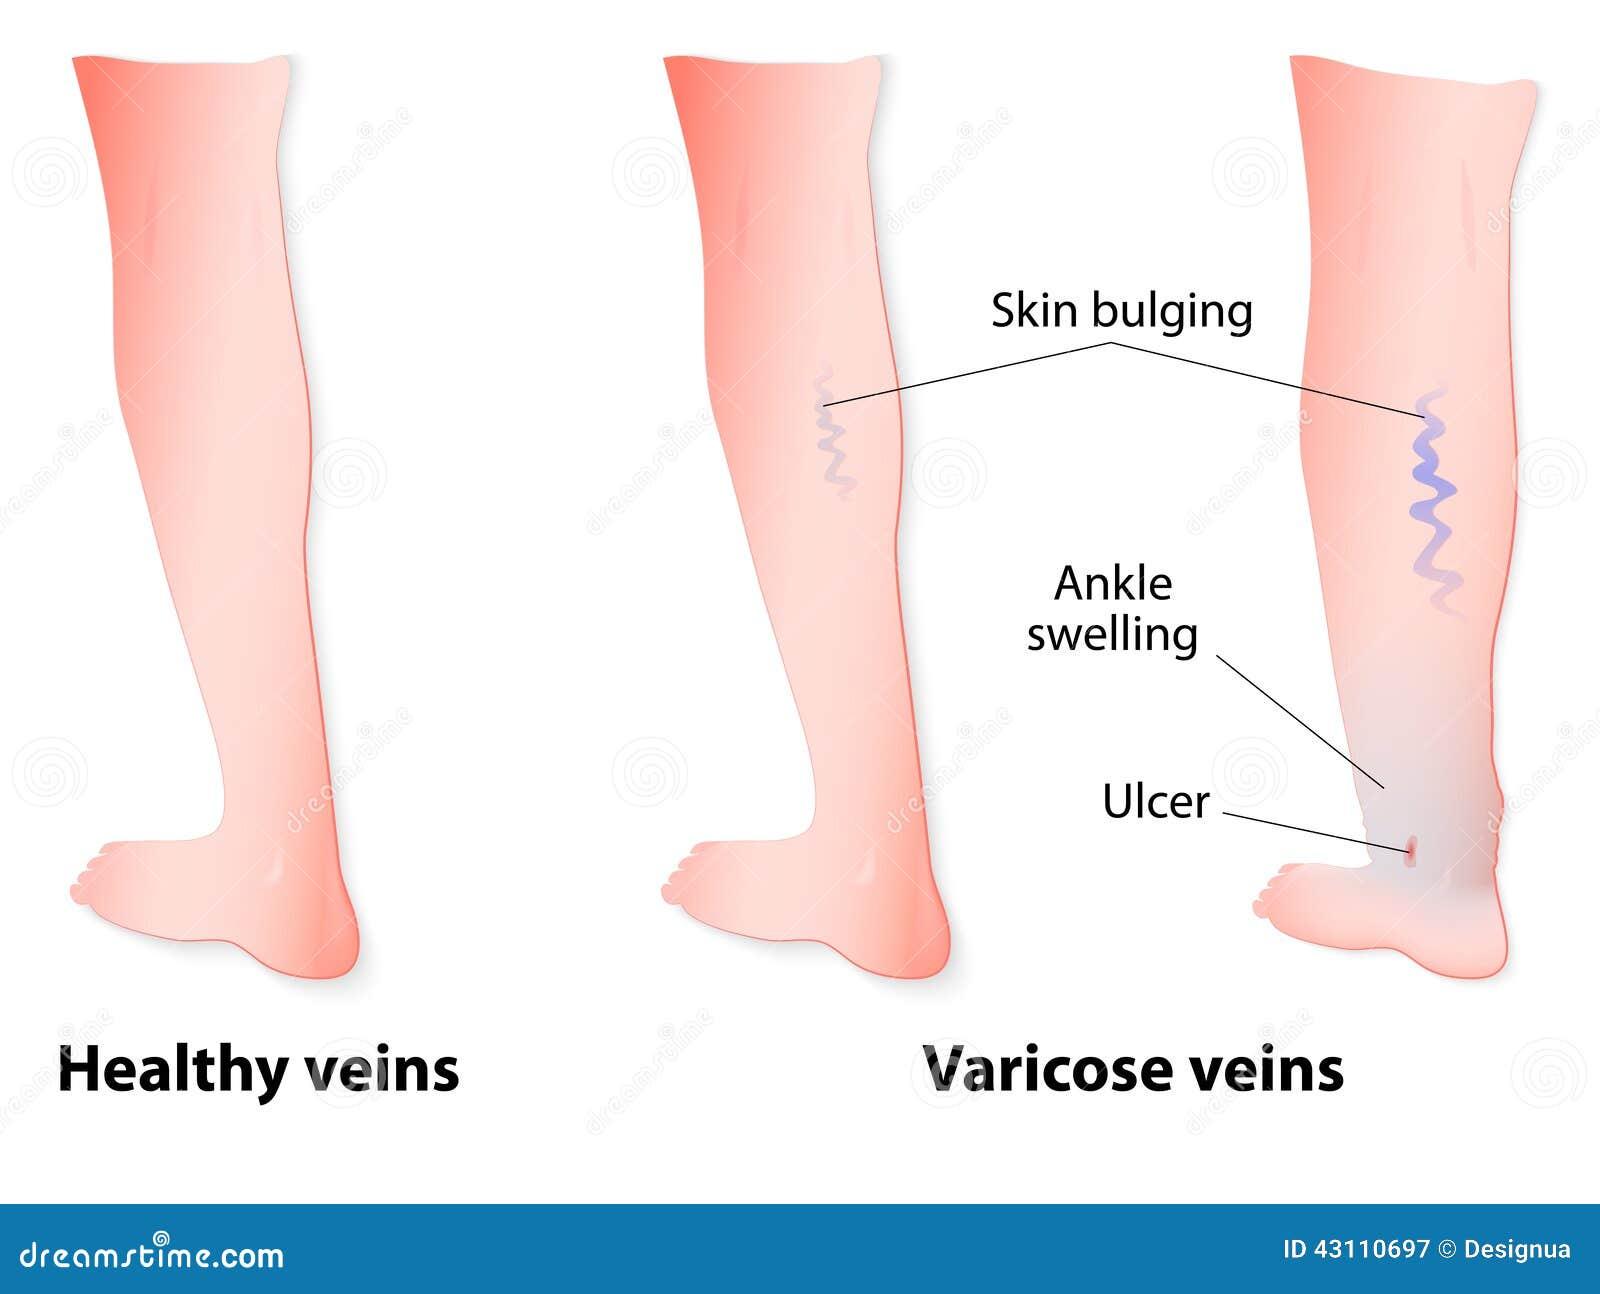 Veias varicosas